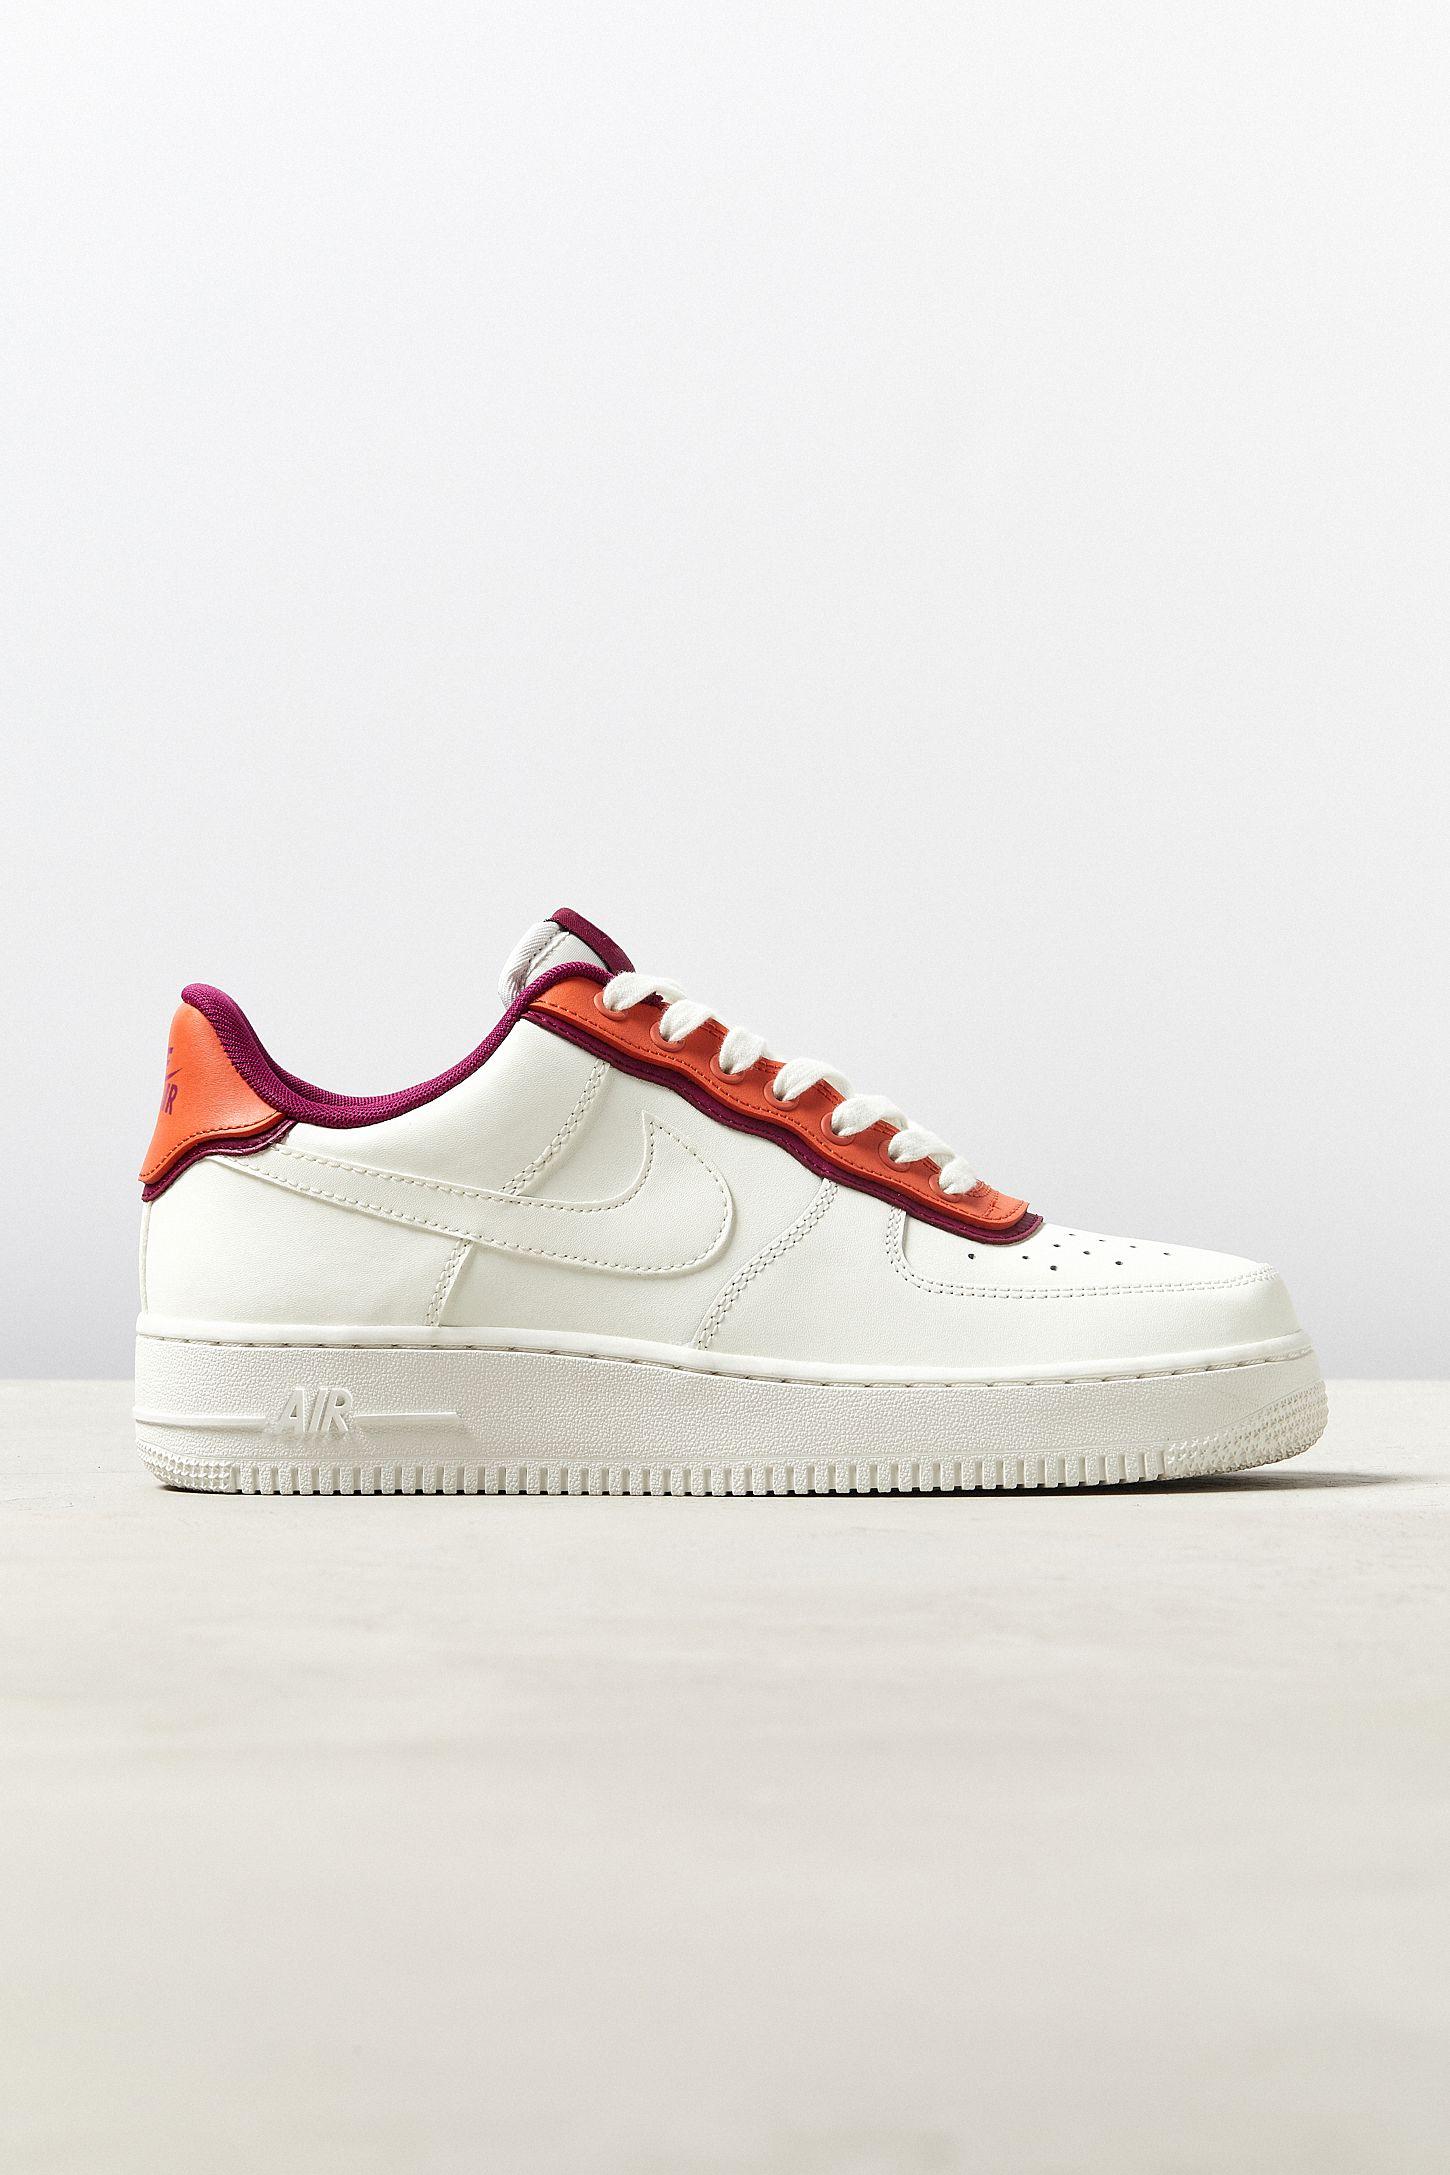 Shop Nike Air Force 1 '07 LV8